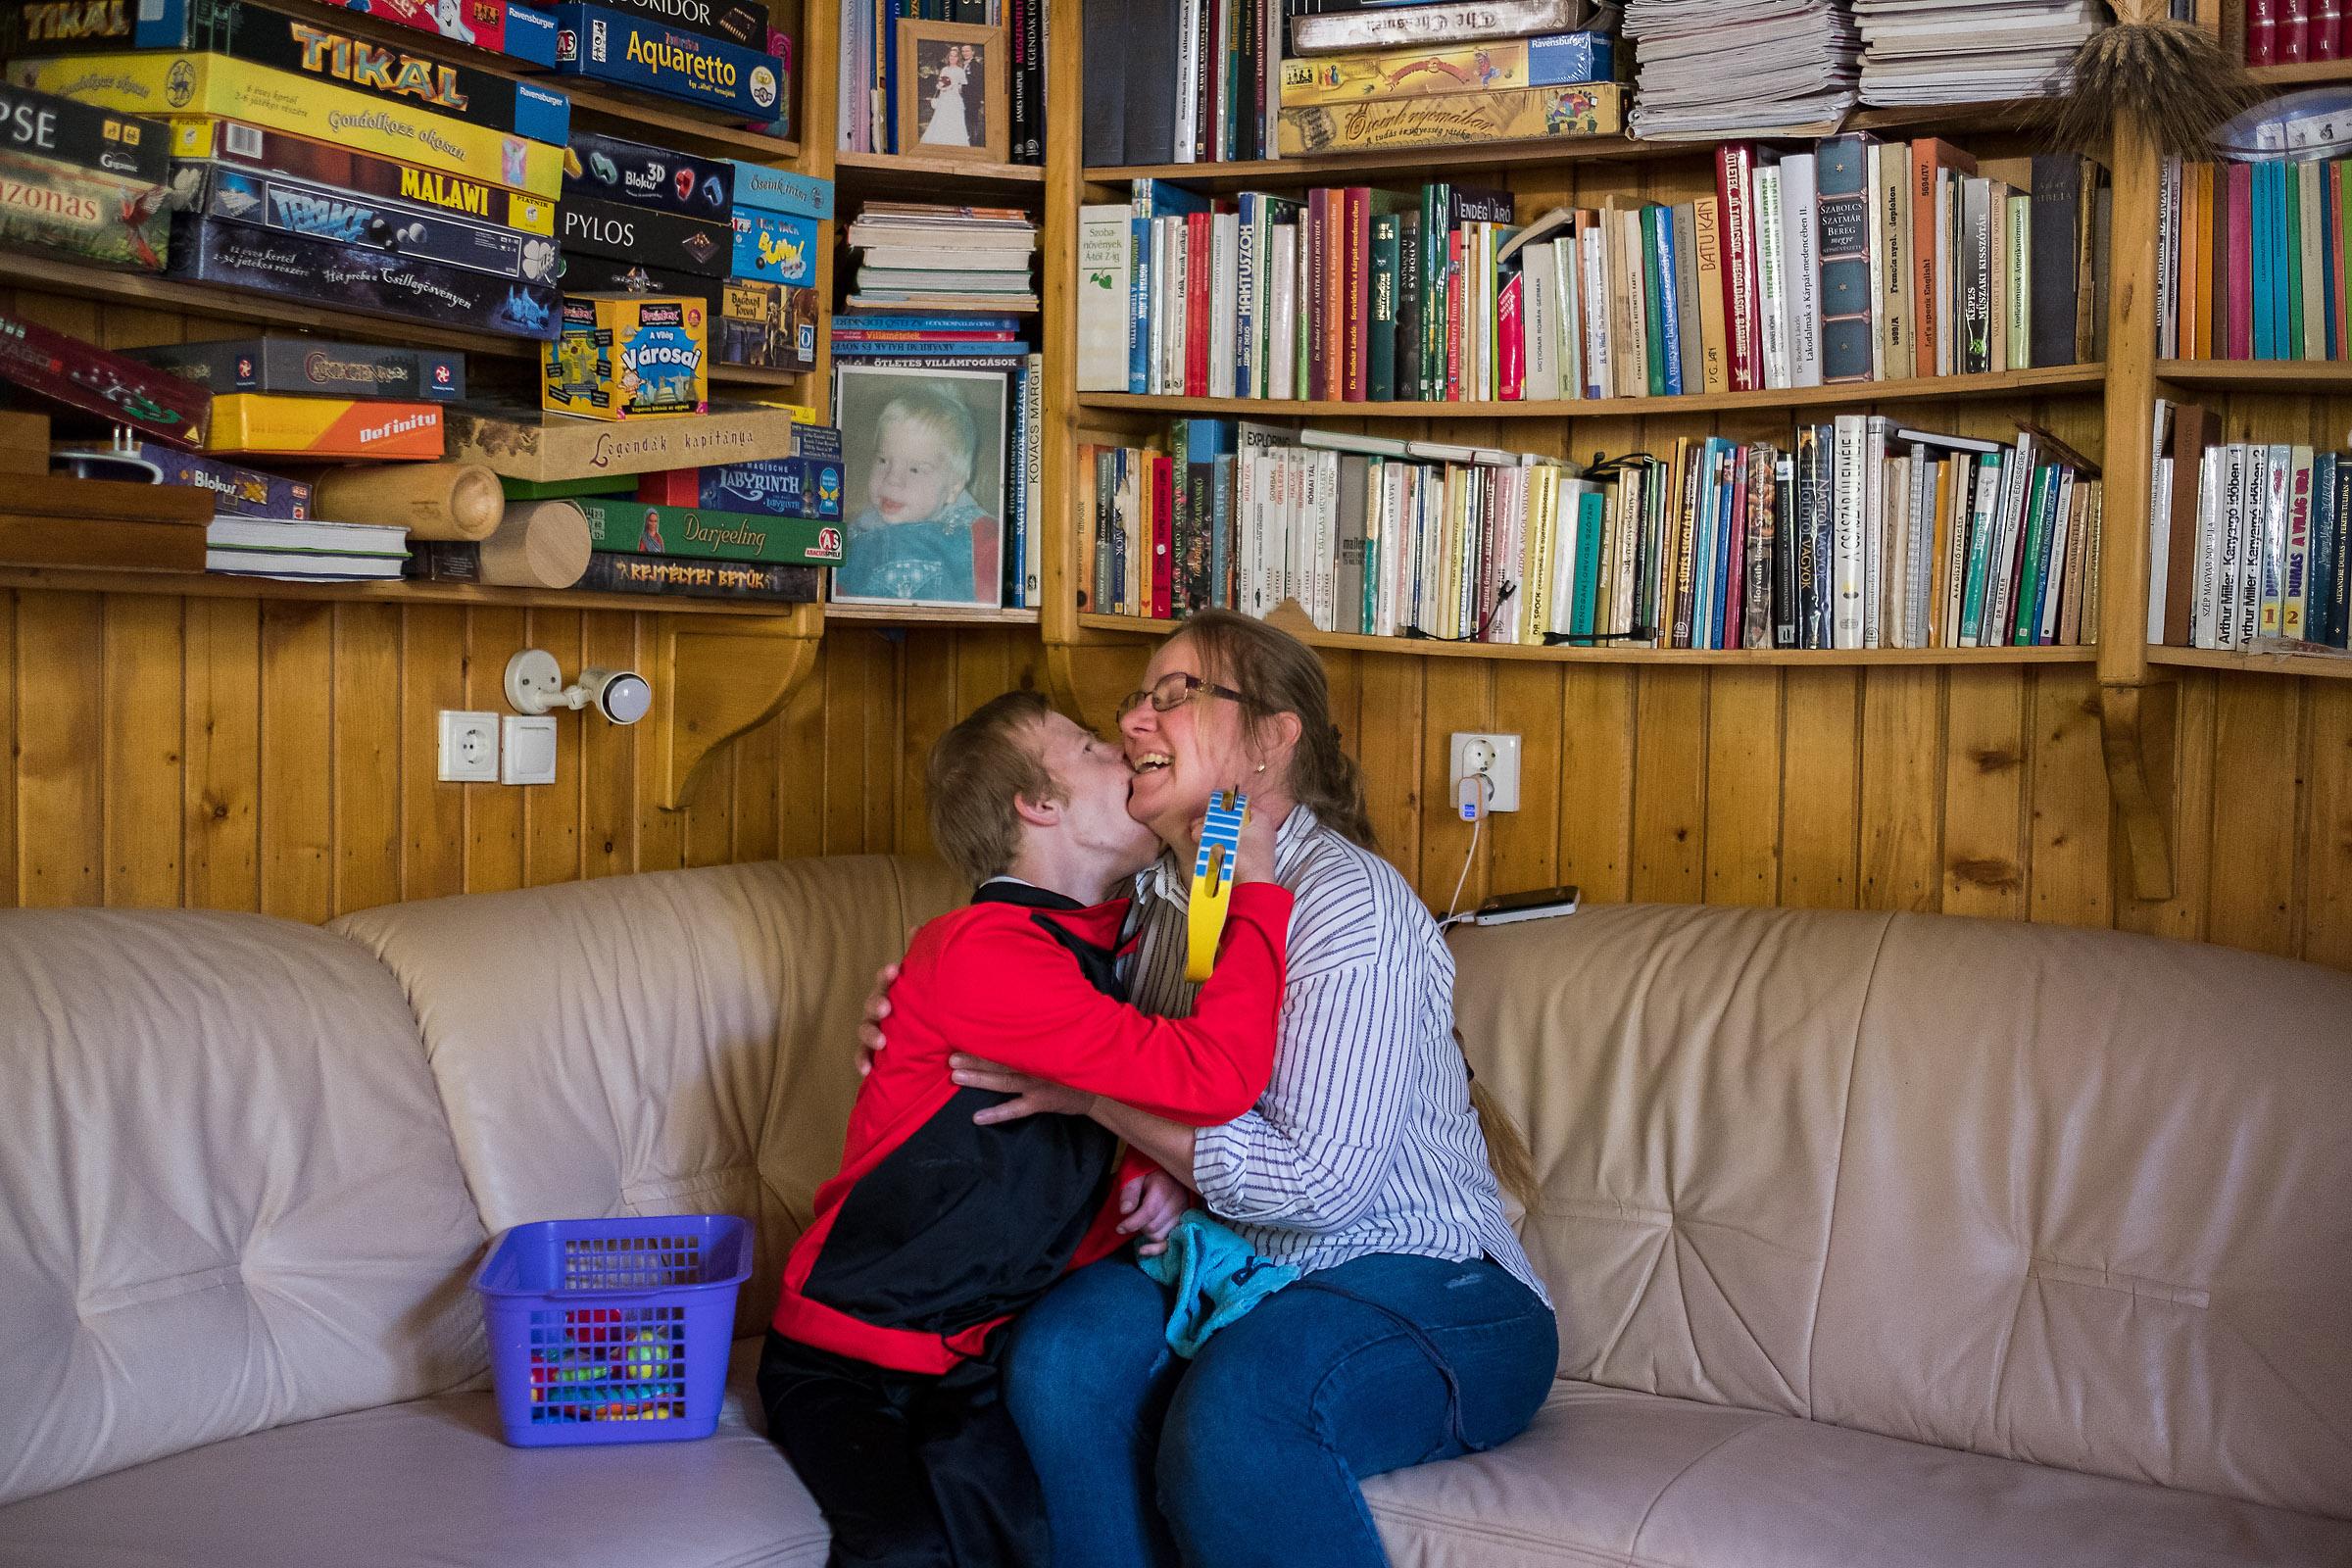 �polási díjon lévő anyák